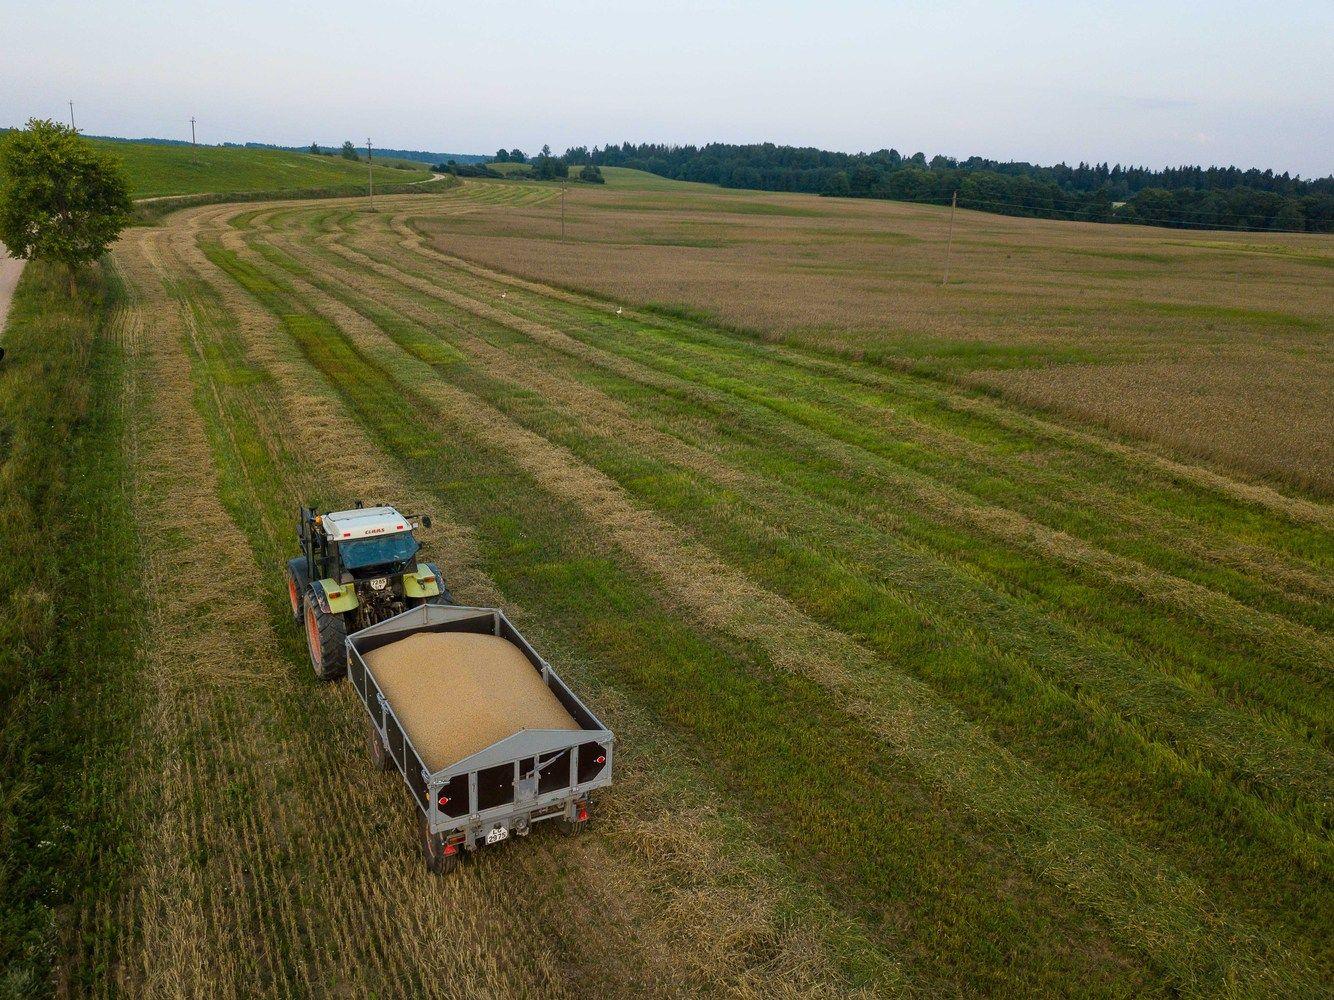 Žemės ūkio technikos rinka: pirma išsinuomoja, tada svarsto apie pirkimą